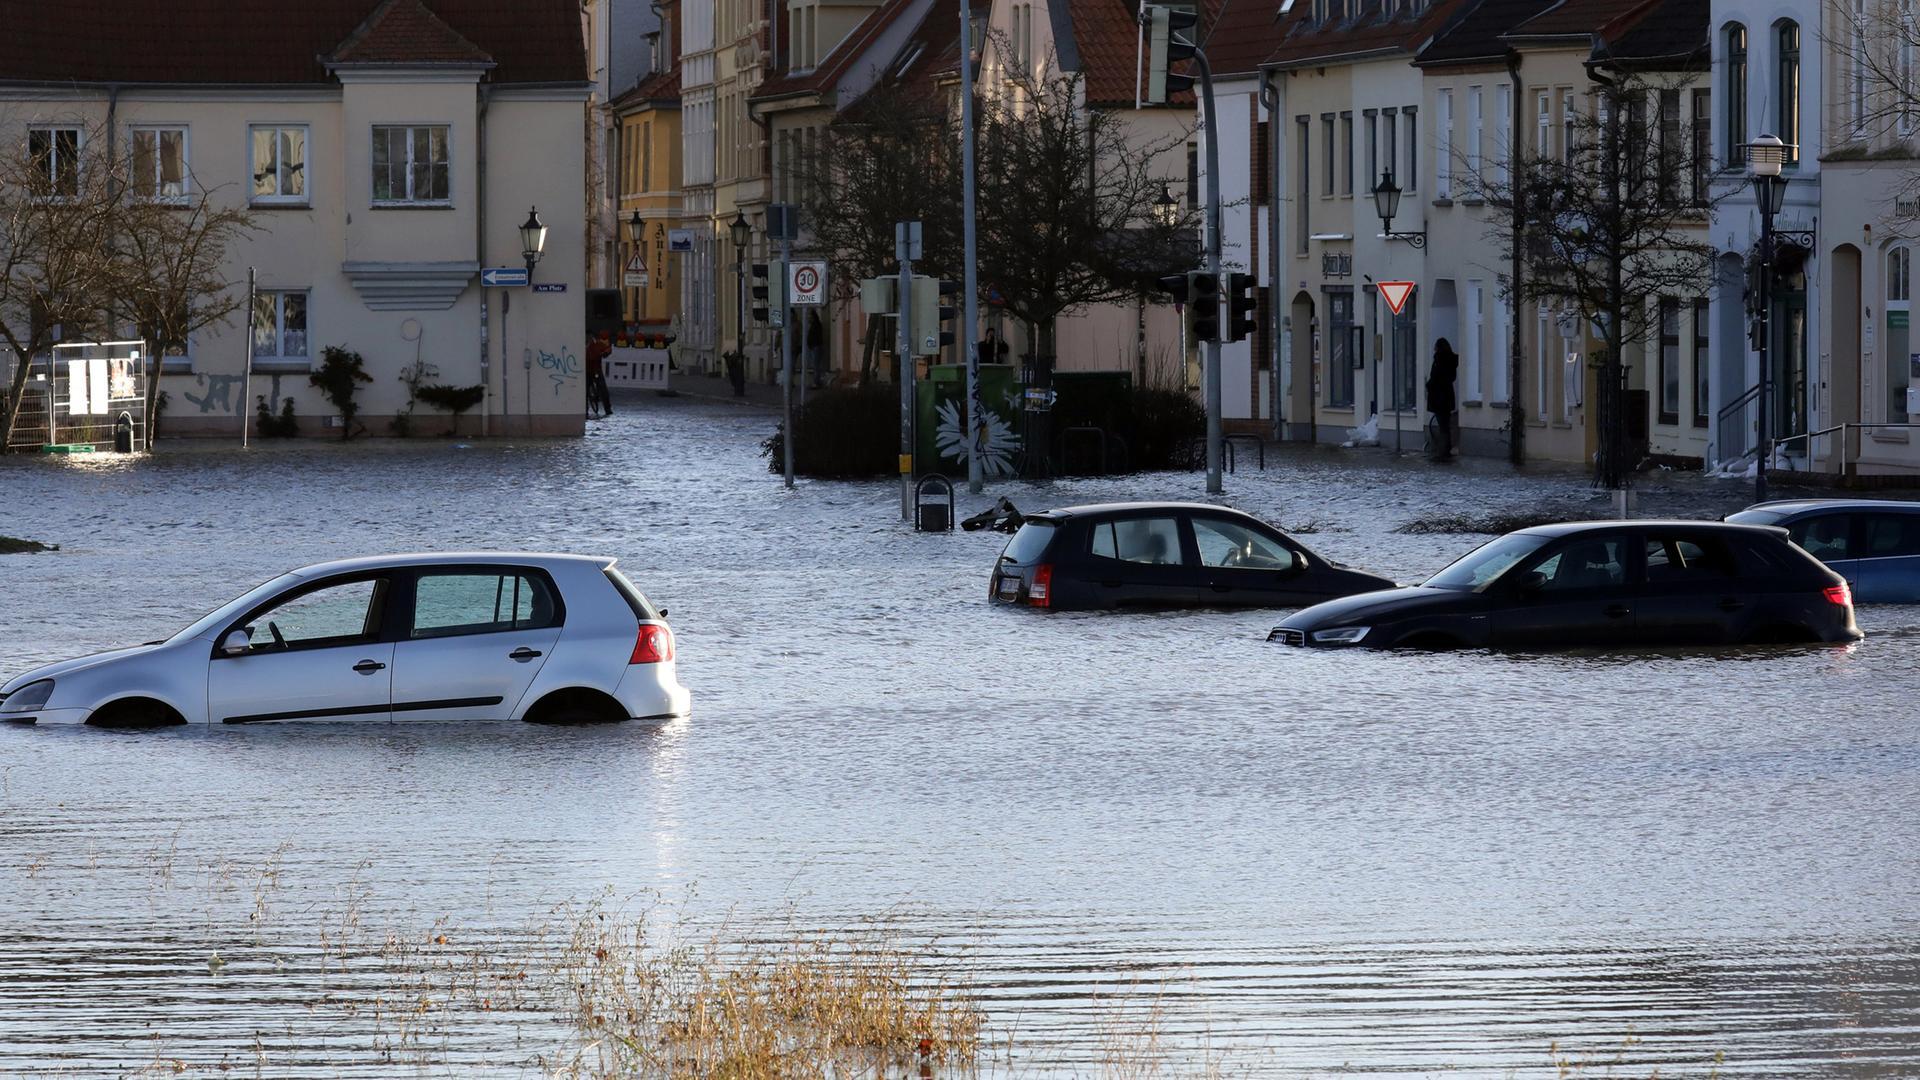 Bildergebnis für Sturmflut 2019